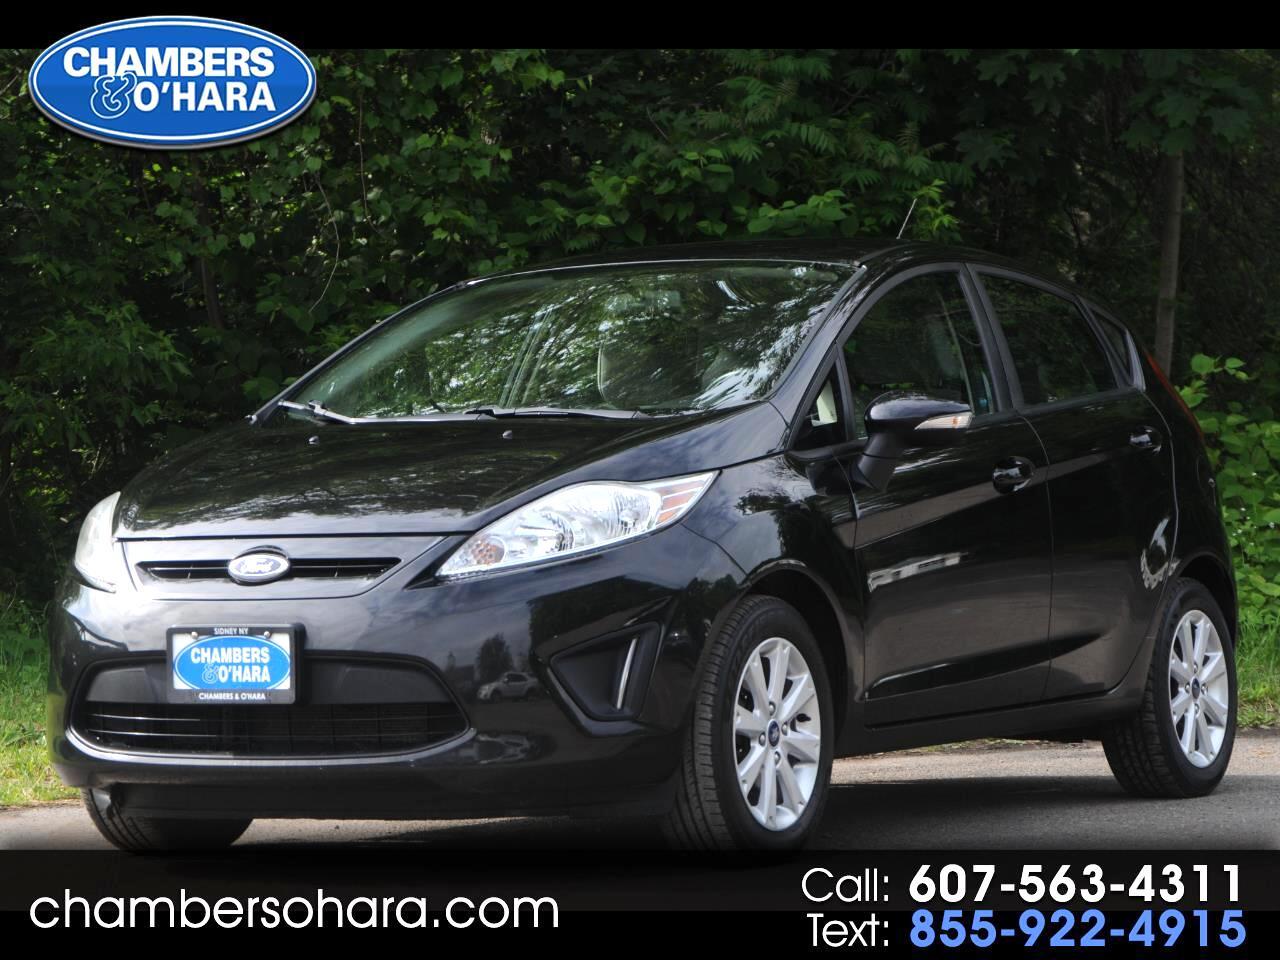 Ford Fiesta SE Hatchback 2013